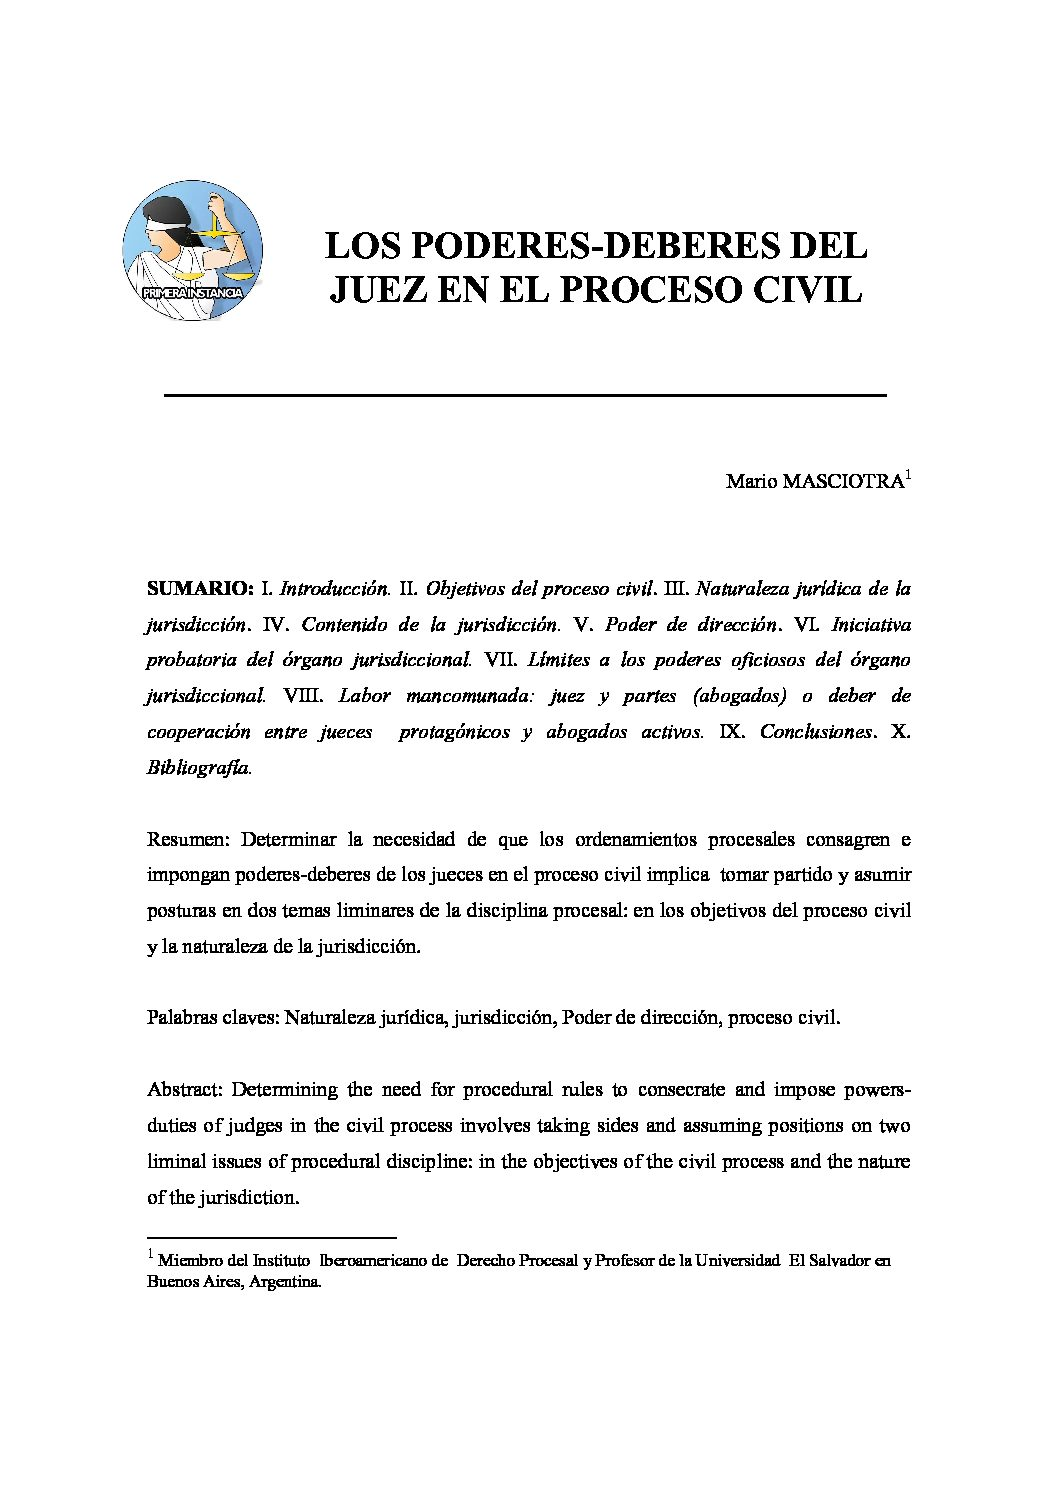 LOS PODERES-DEBERES DEL JUEZ EN EL PROCESO CIVIL, Mario Masciotra